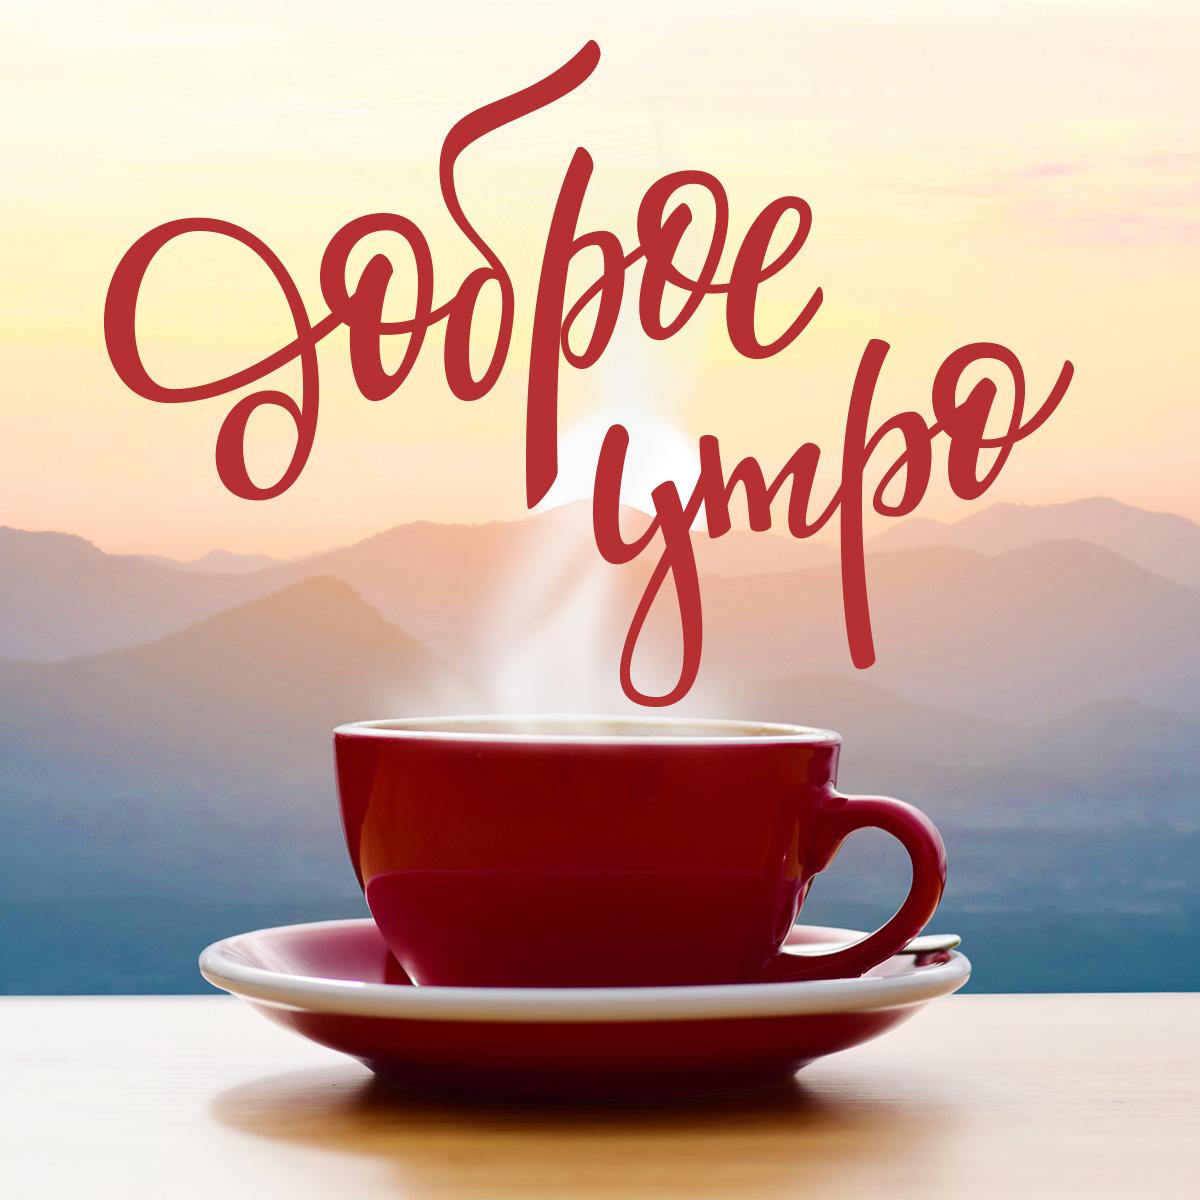 Картинка с текстом доброе утро с фарфоровой чашкой кофе на блюдце тёмно бордового цвета на фоне пейзажа восхода солнца над горами.